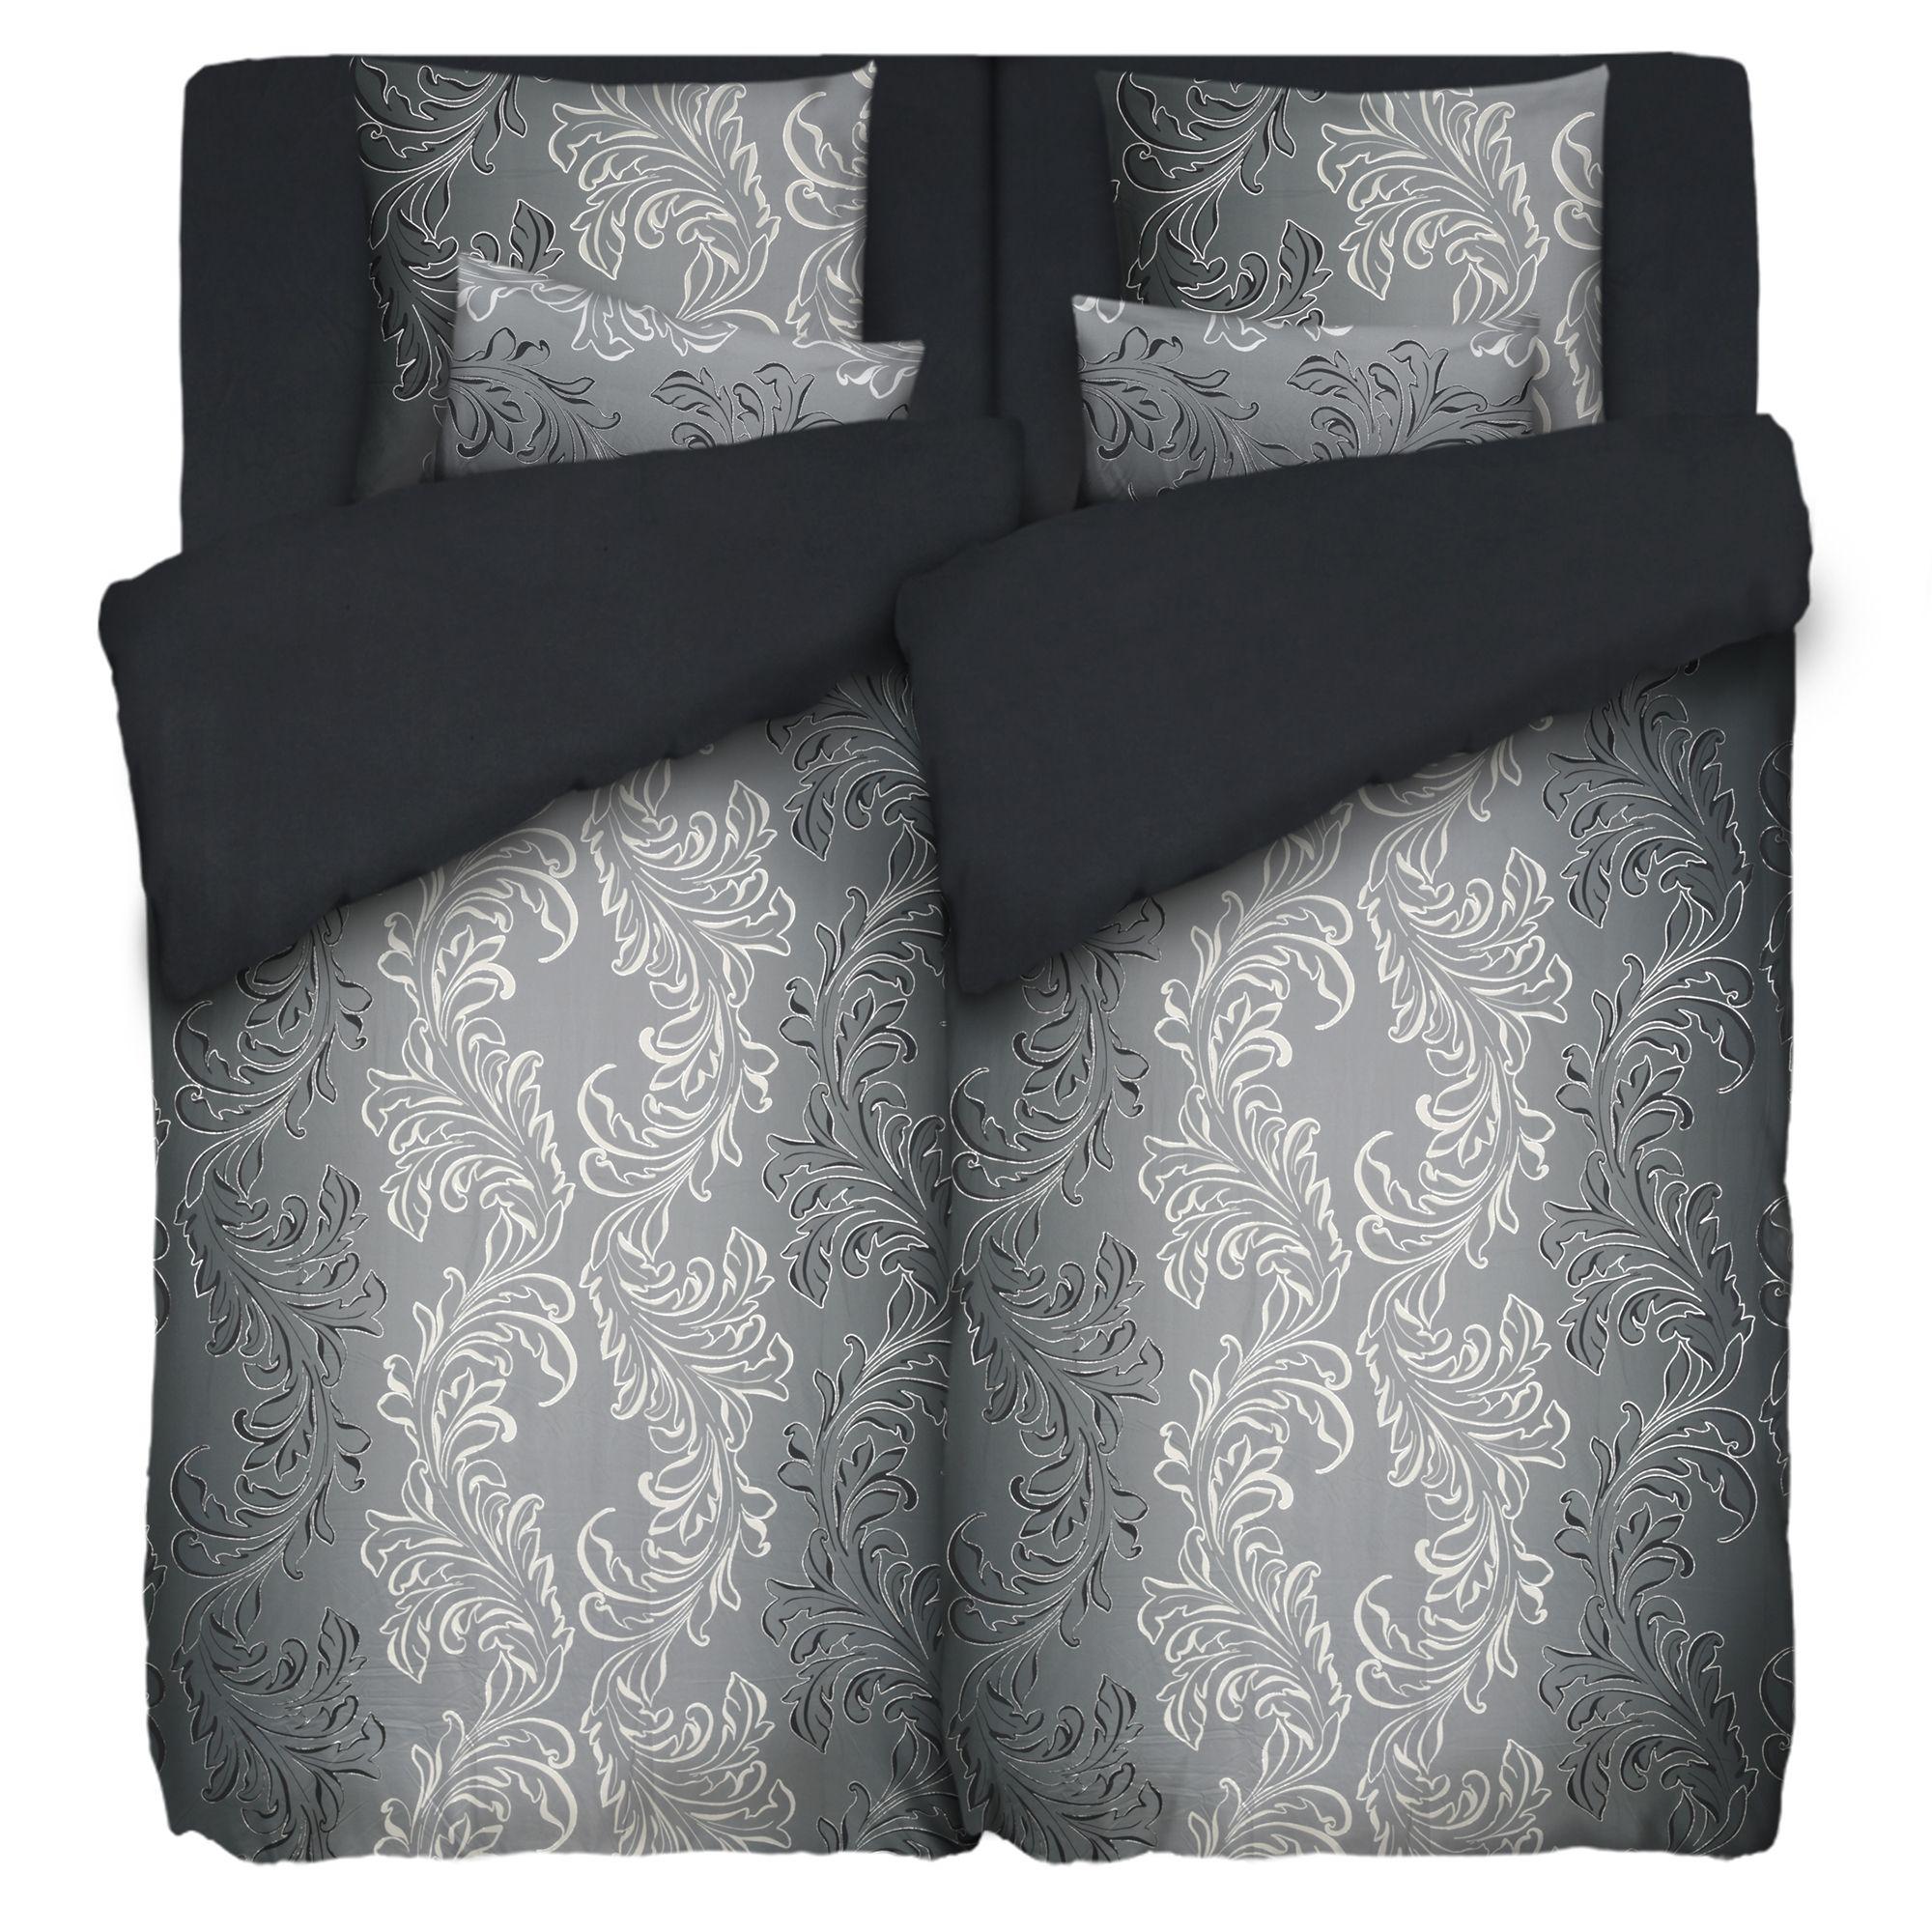 Qvc Bettwäsche Tagesangebot Jerymood Xxl Bettdecken Schlafzimmer In